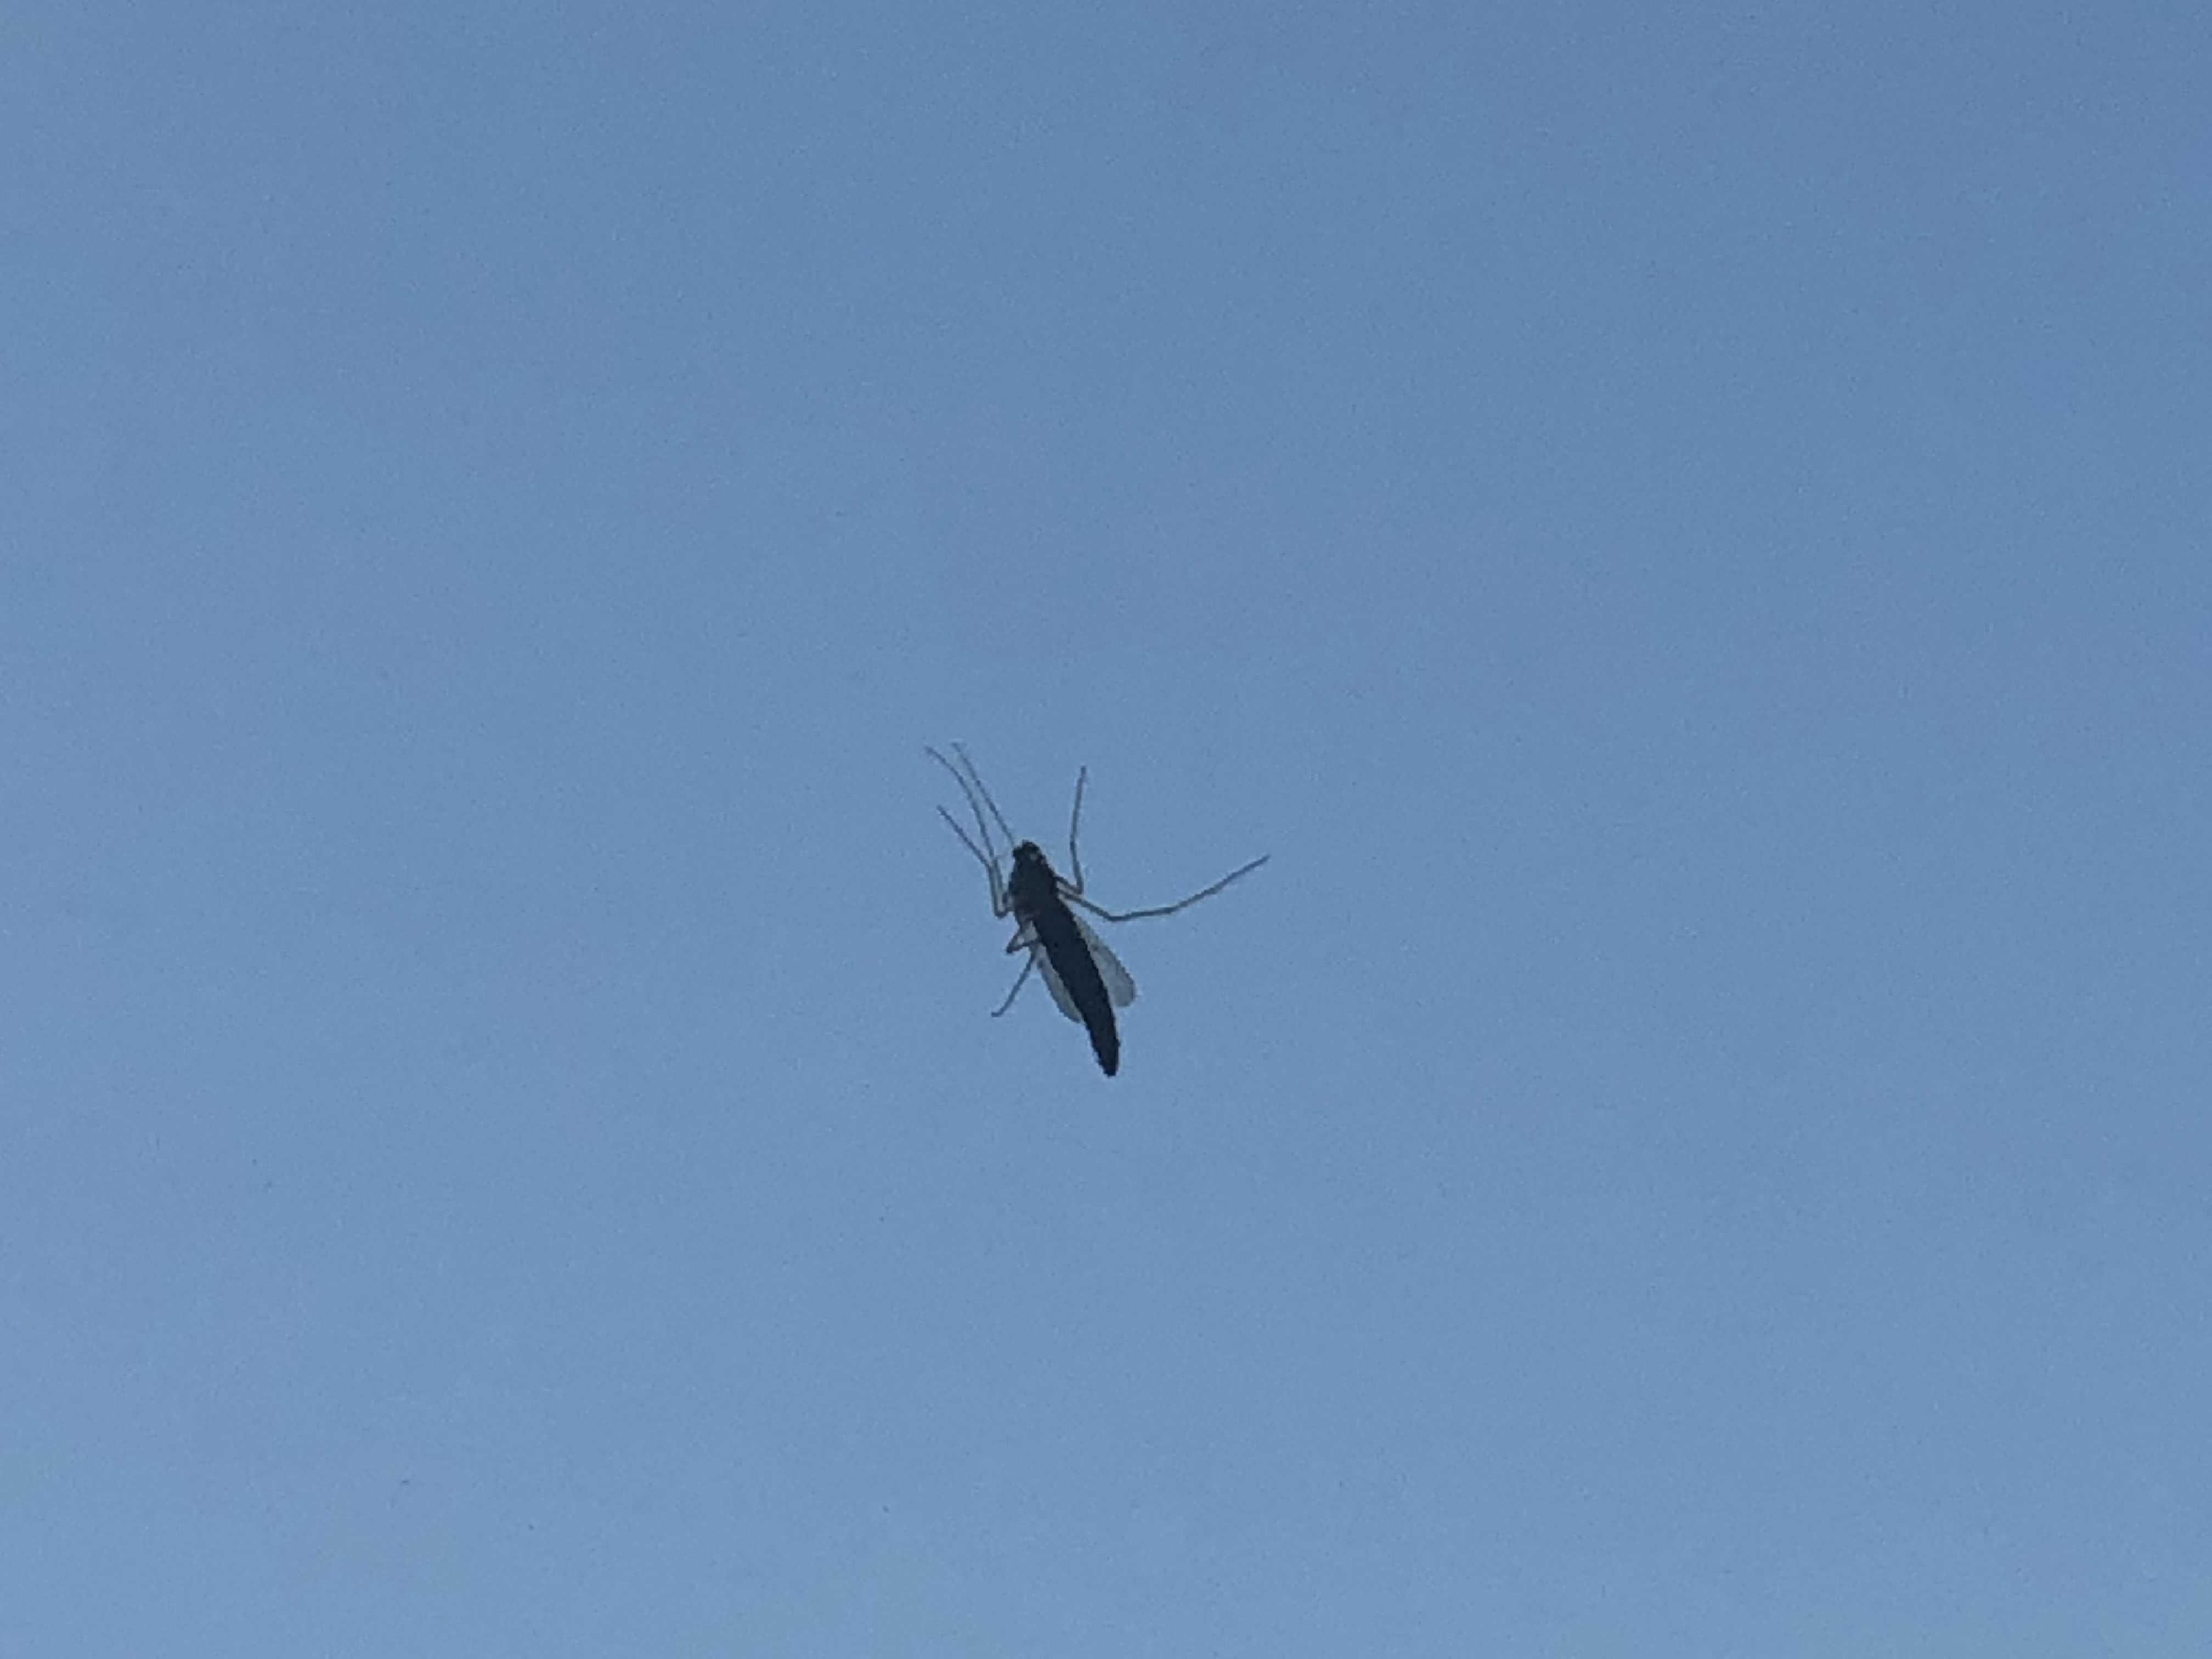 17階の窓まで飛んできた虫